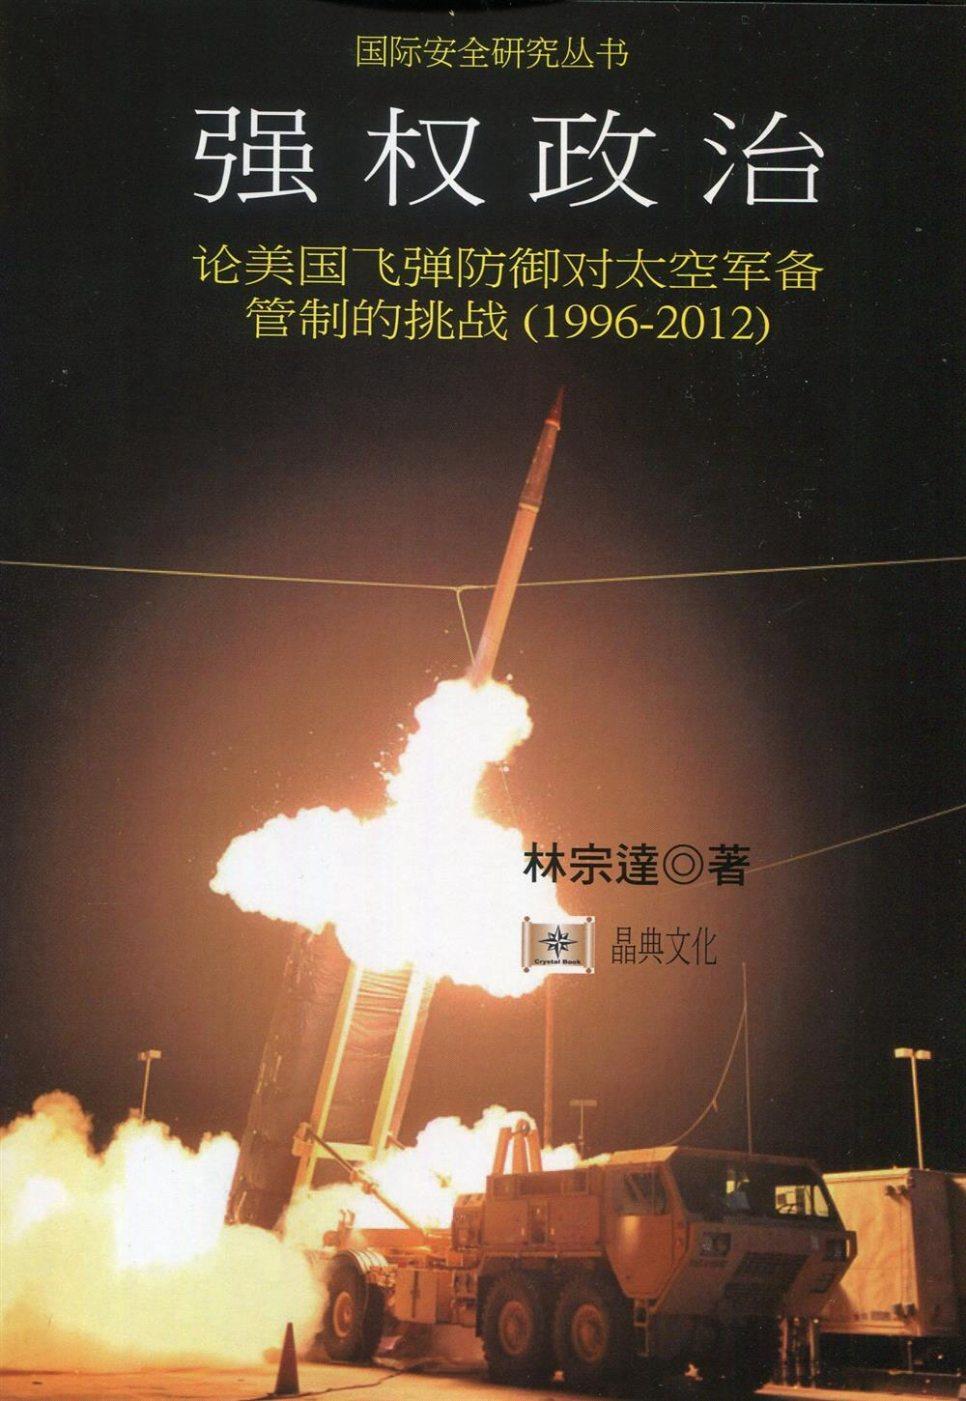 強權政治:論美國飛彈防禦對太空軍備管制的挑戰(1996-2012)(簡體書)